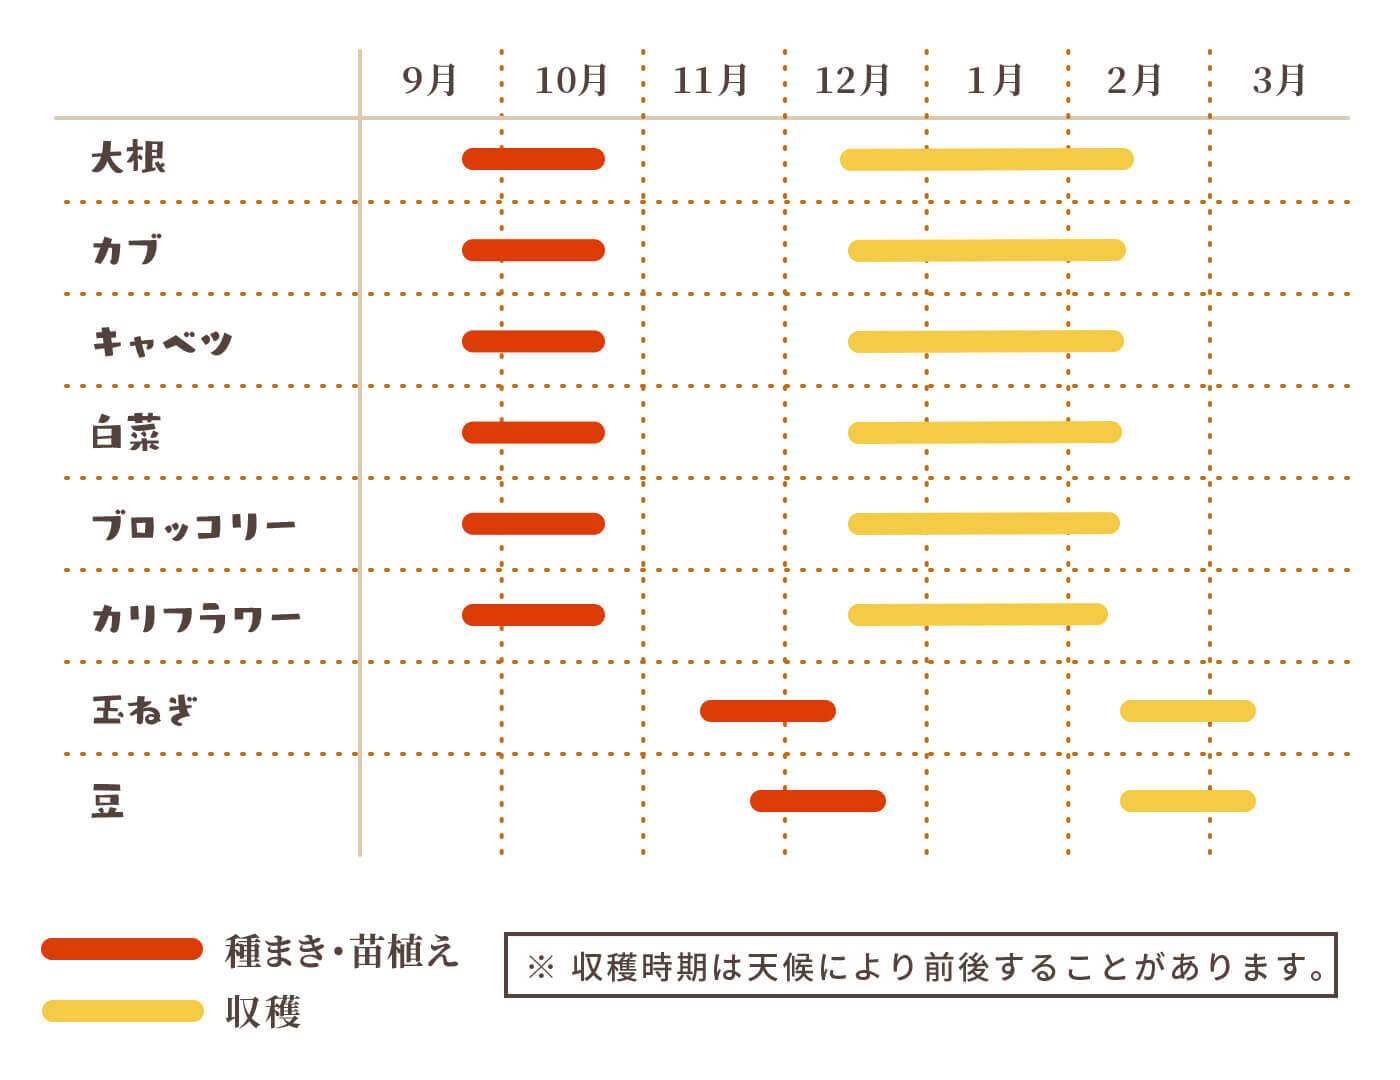 農作カレンダー(秋冬シーズン)